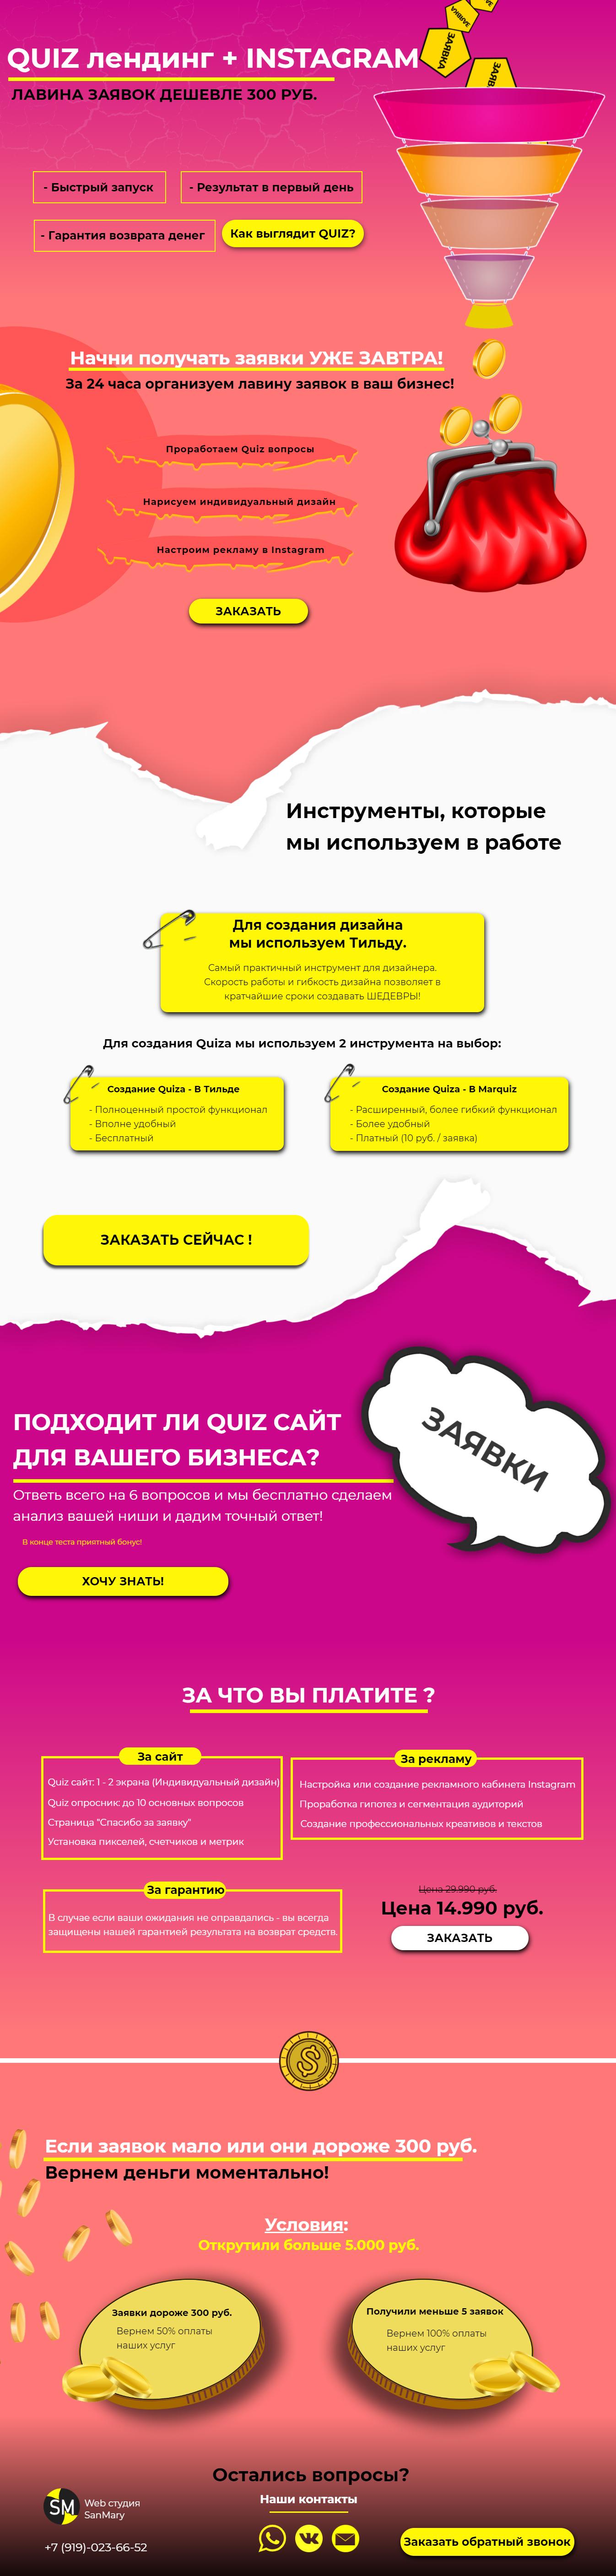 Квиз сайт + инста